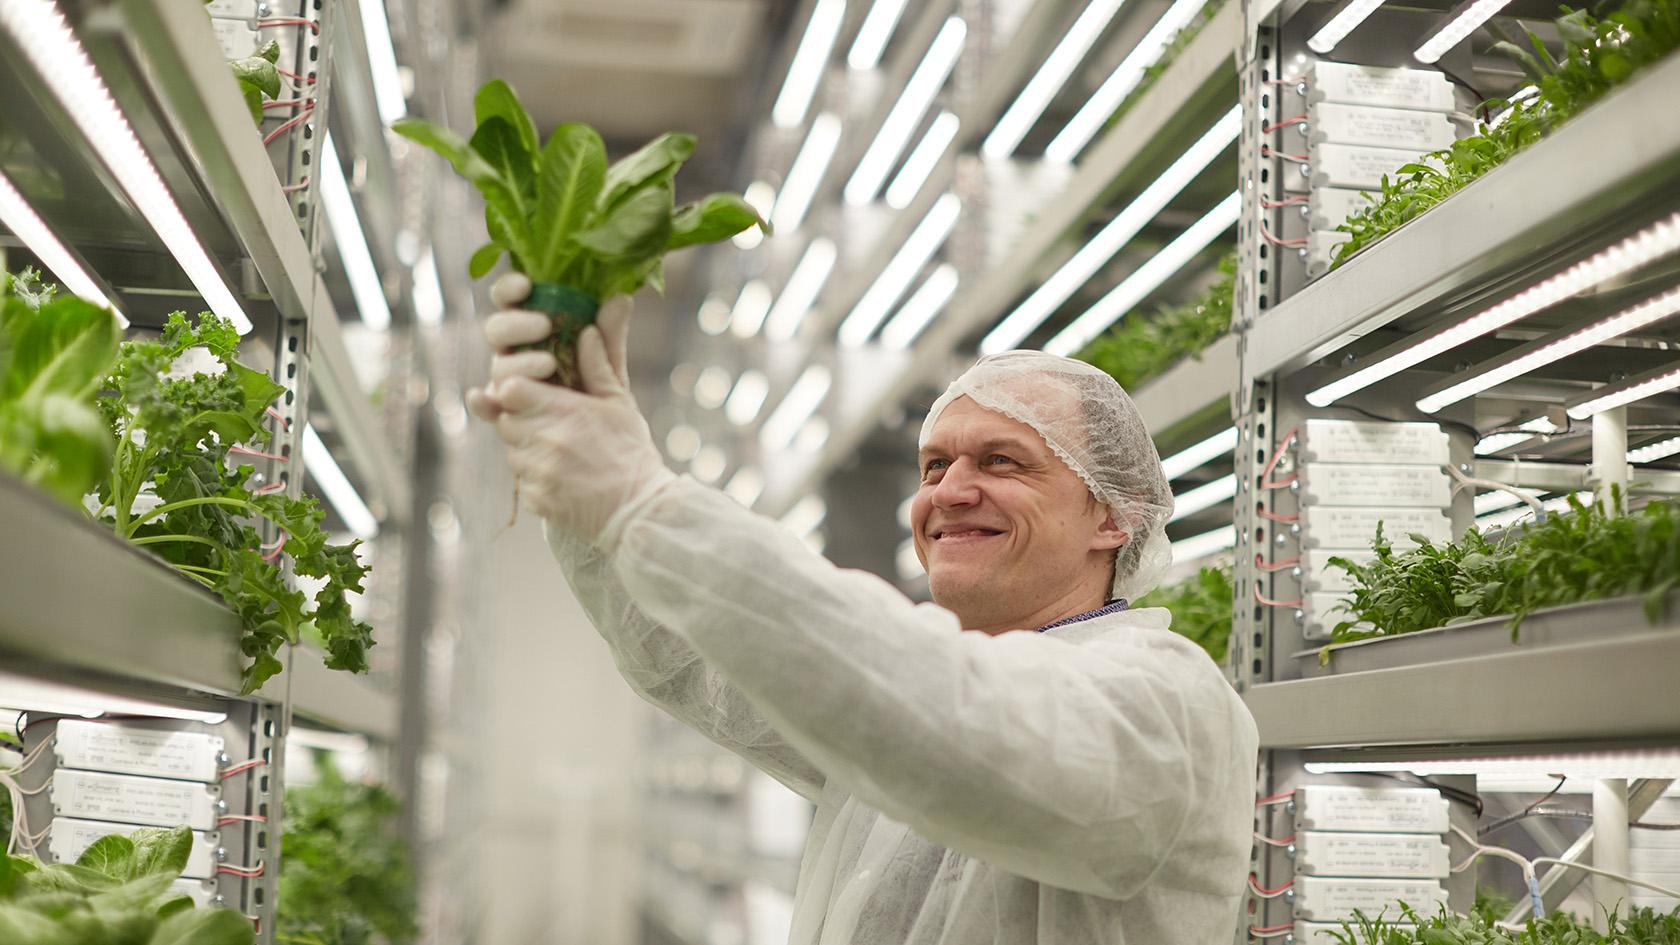 Выбор площадки для вертикального фермерства